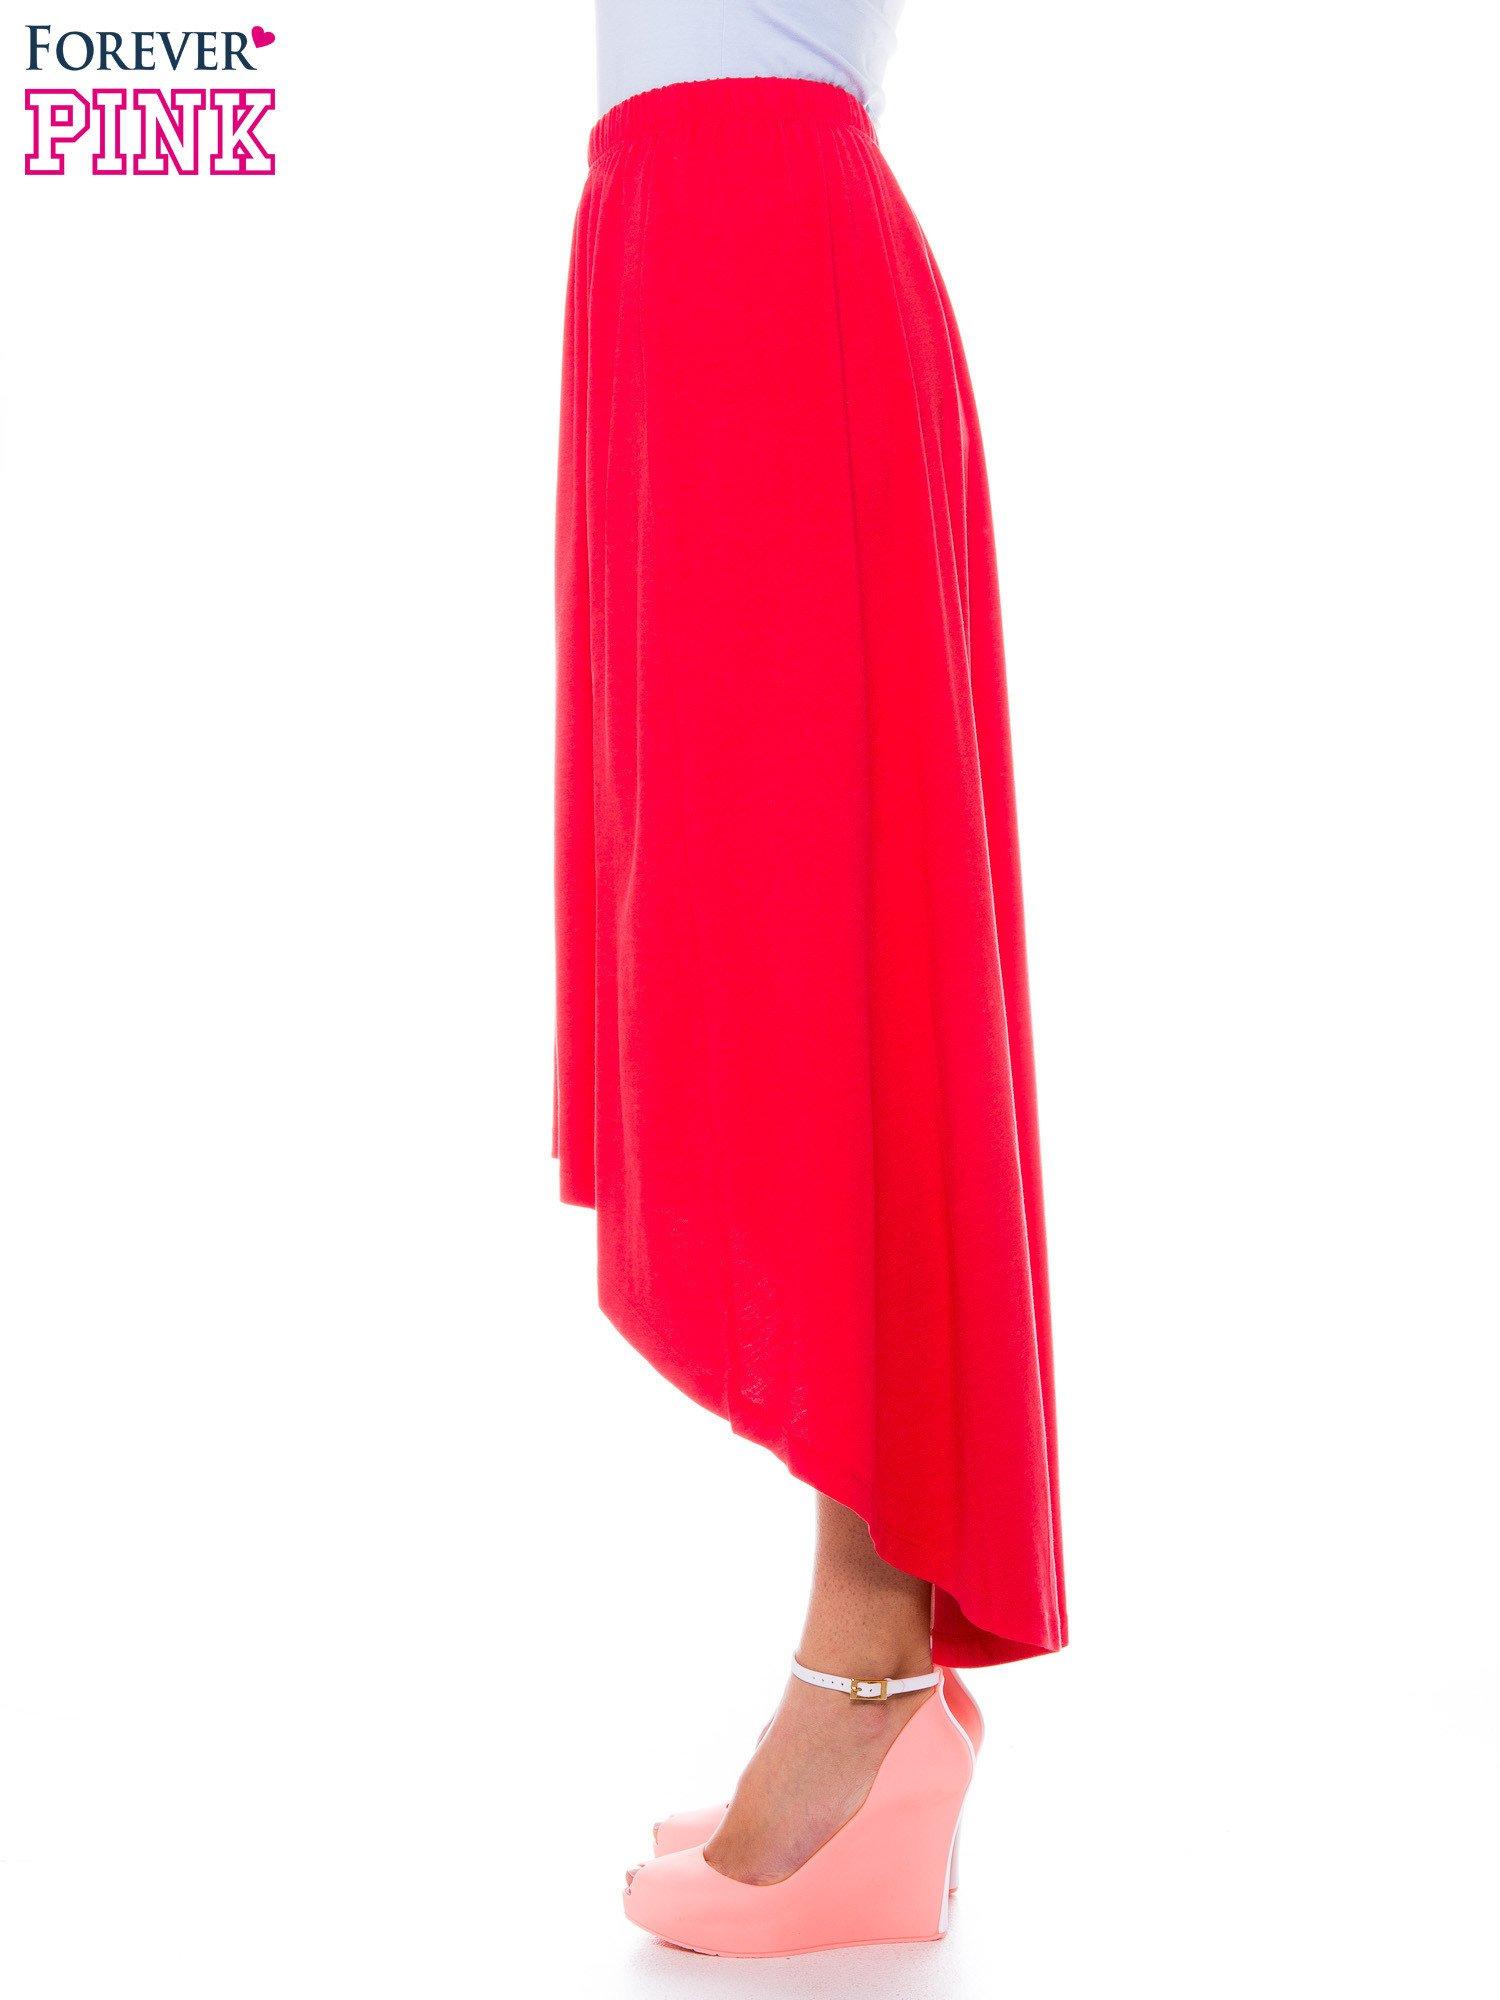 Ciemnokoralowa zwiewna spódnica z dłuższym tyłem                                  zdj.                                  2